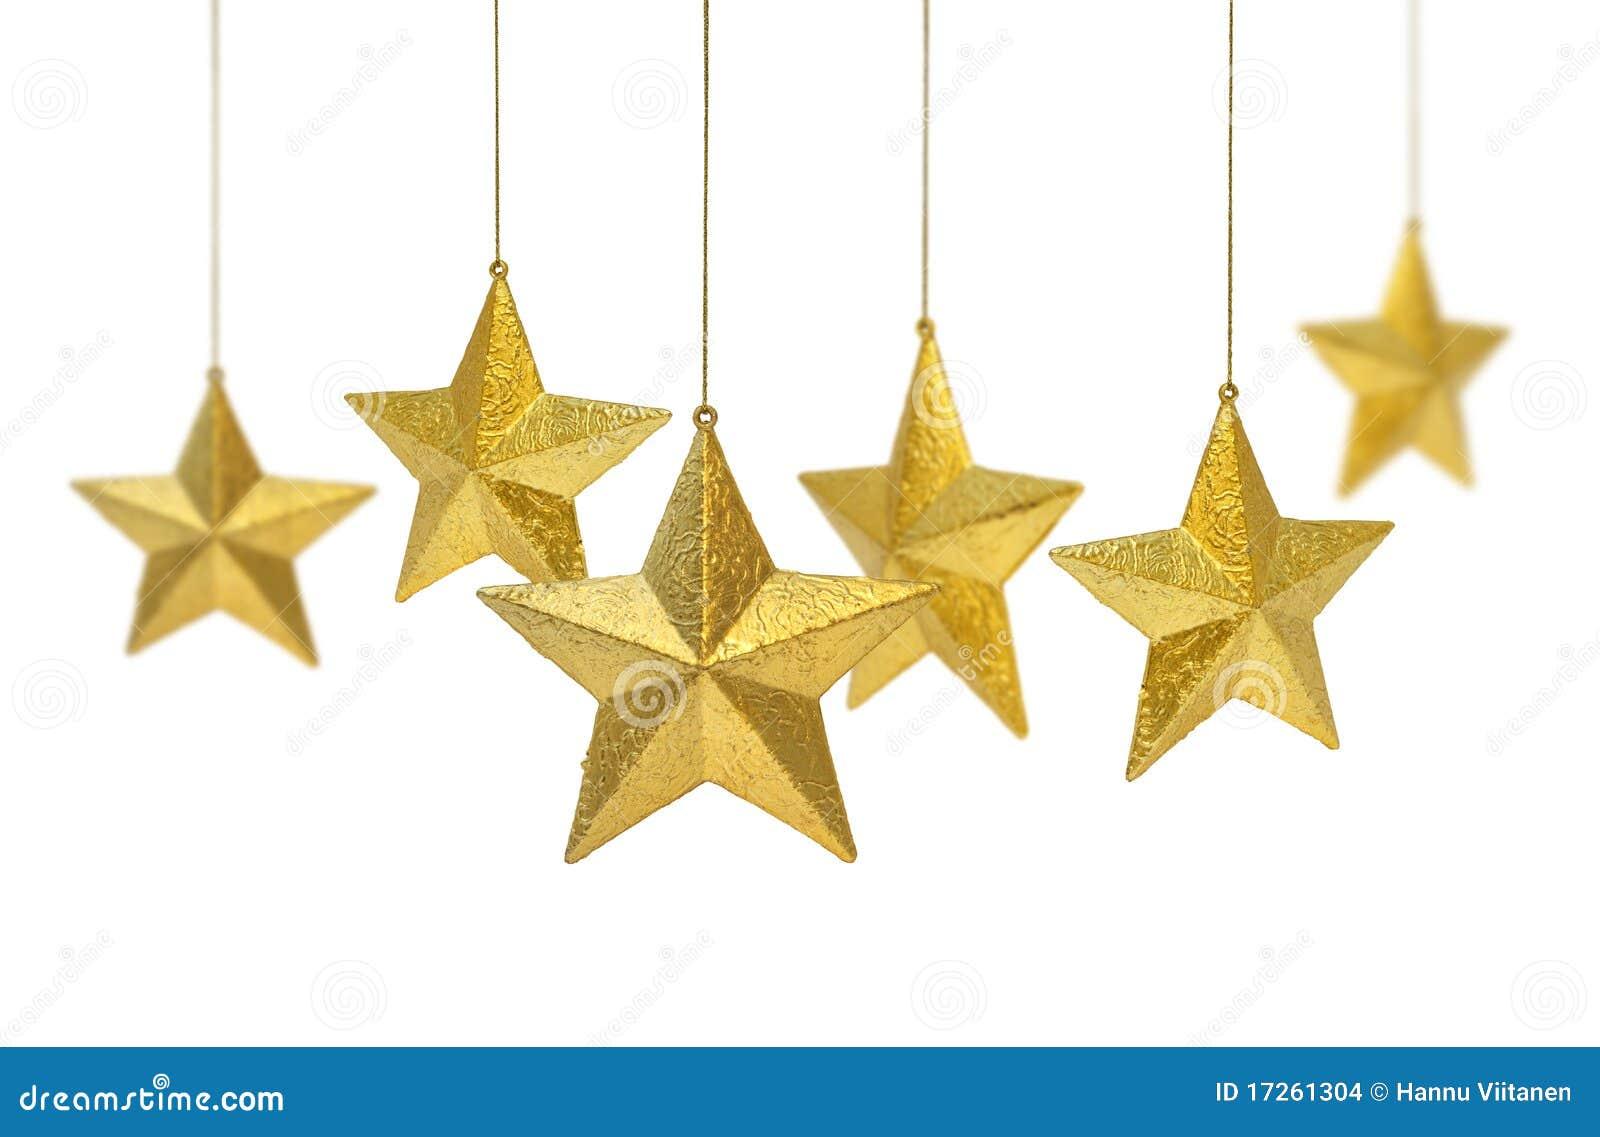 Złote wiszące gwiazdy